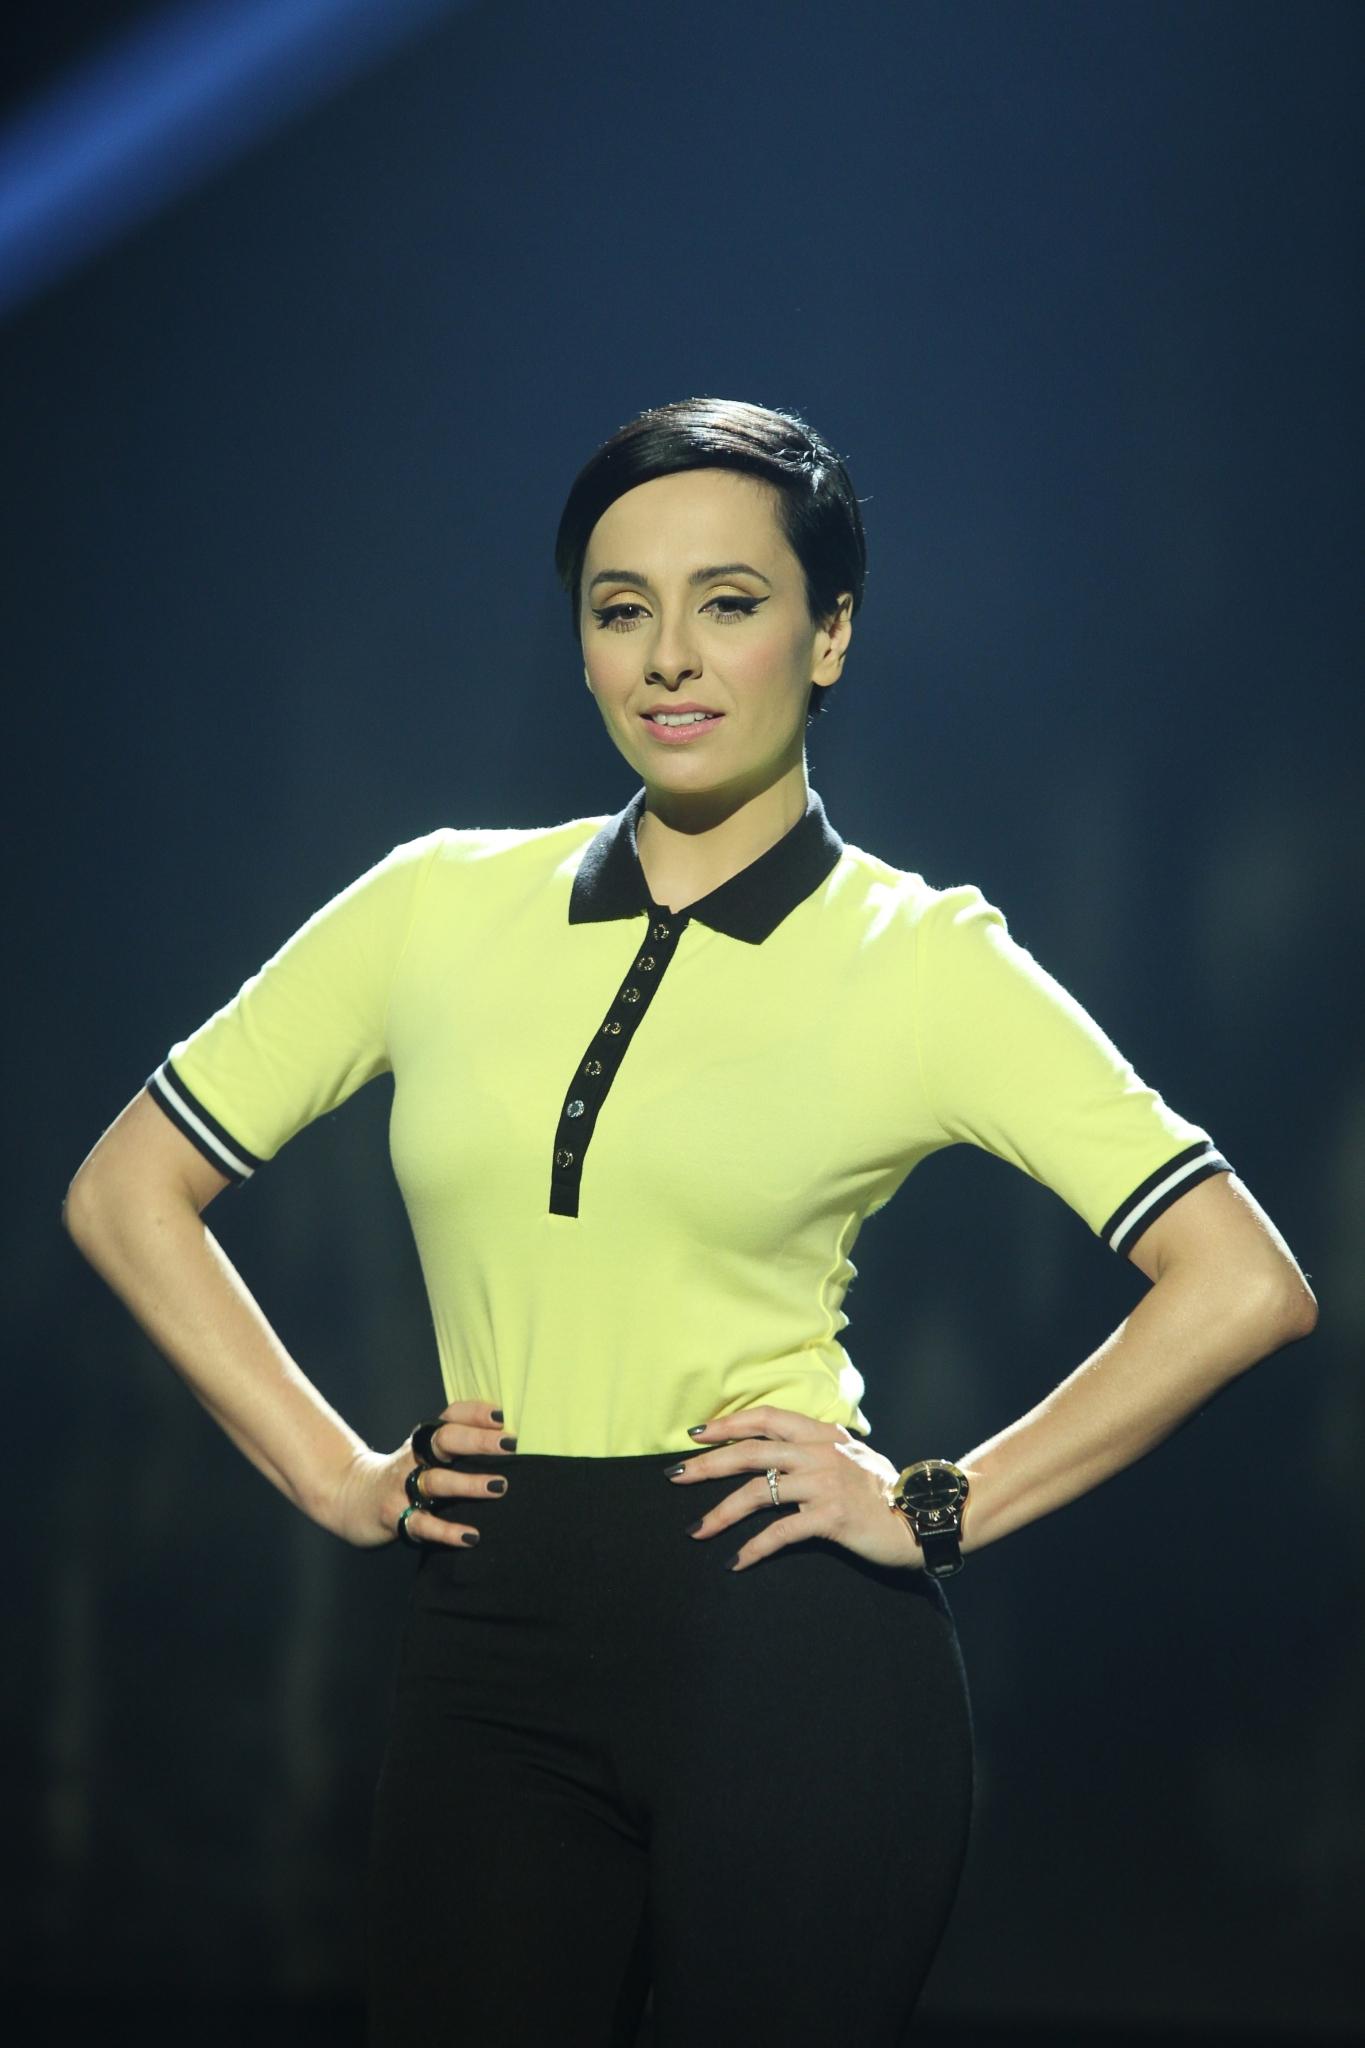 """Seksowna Okupnik na castingach do """"X Factor""""!"""